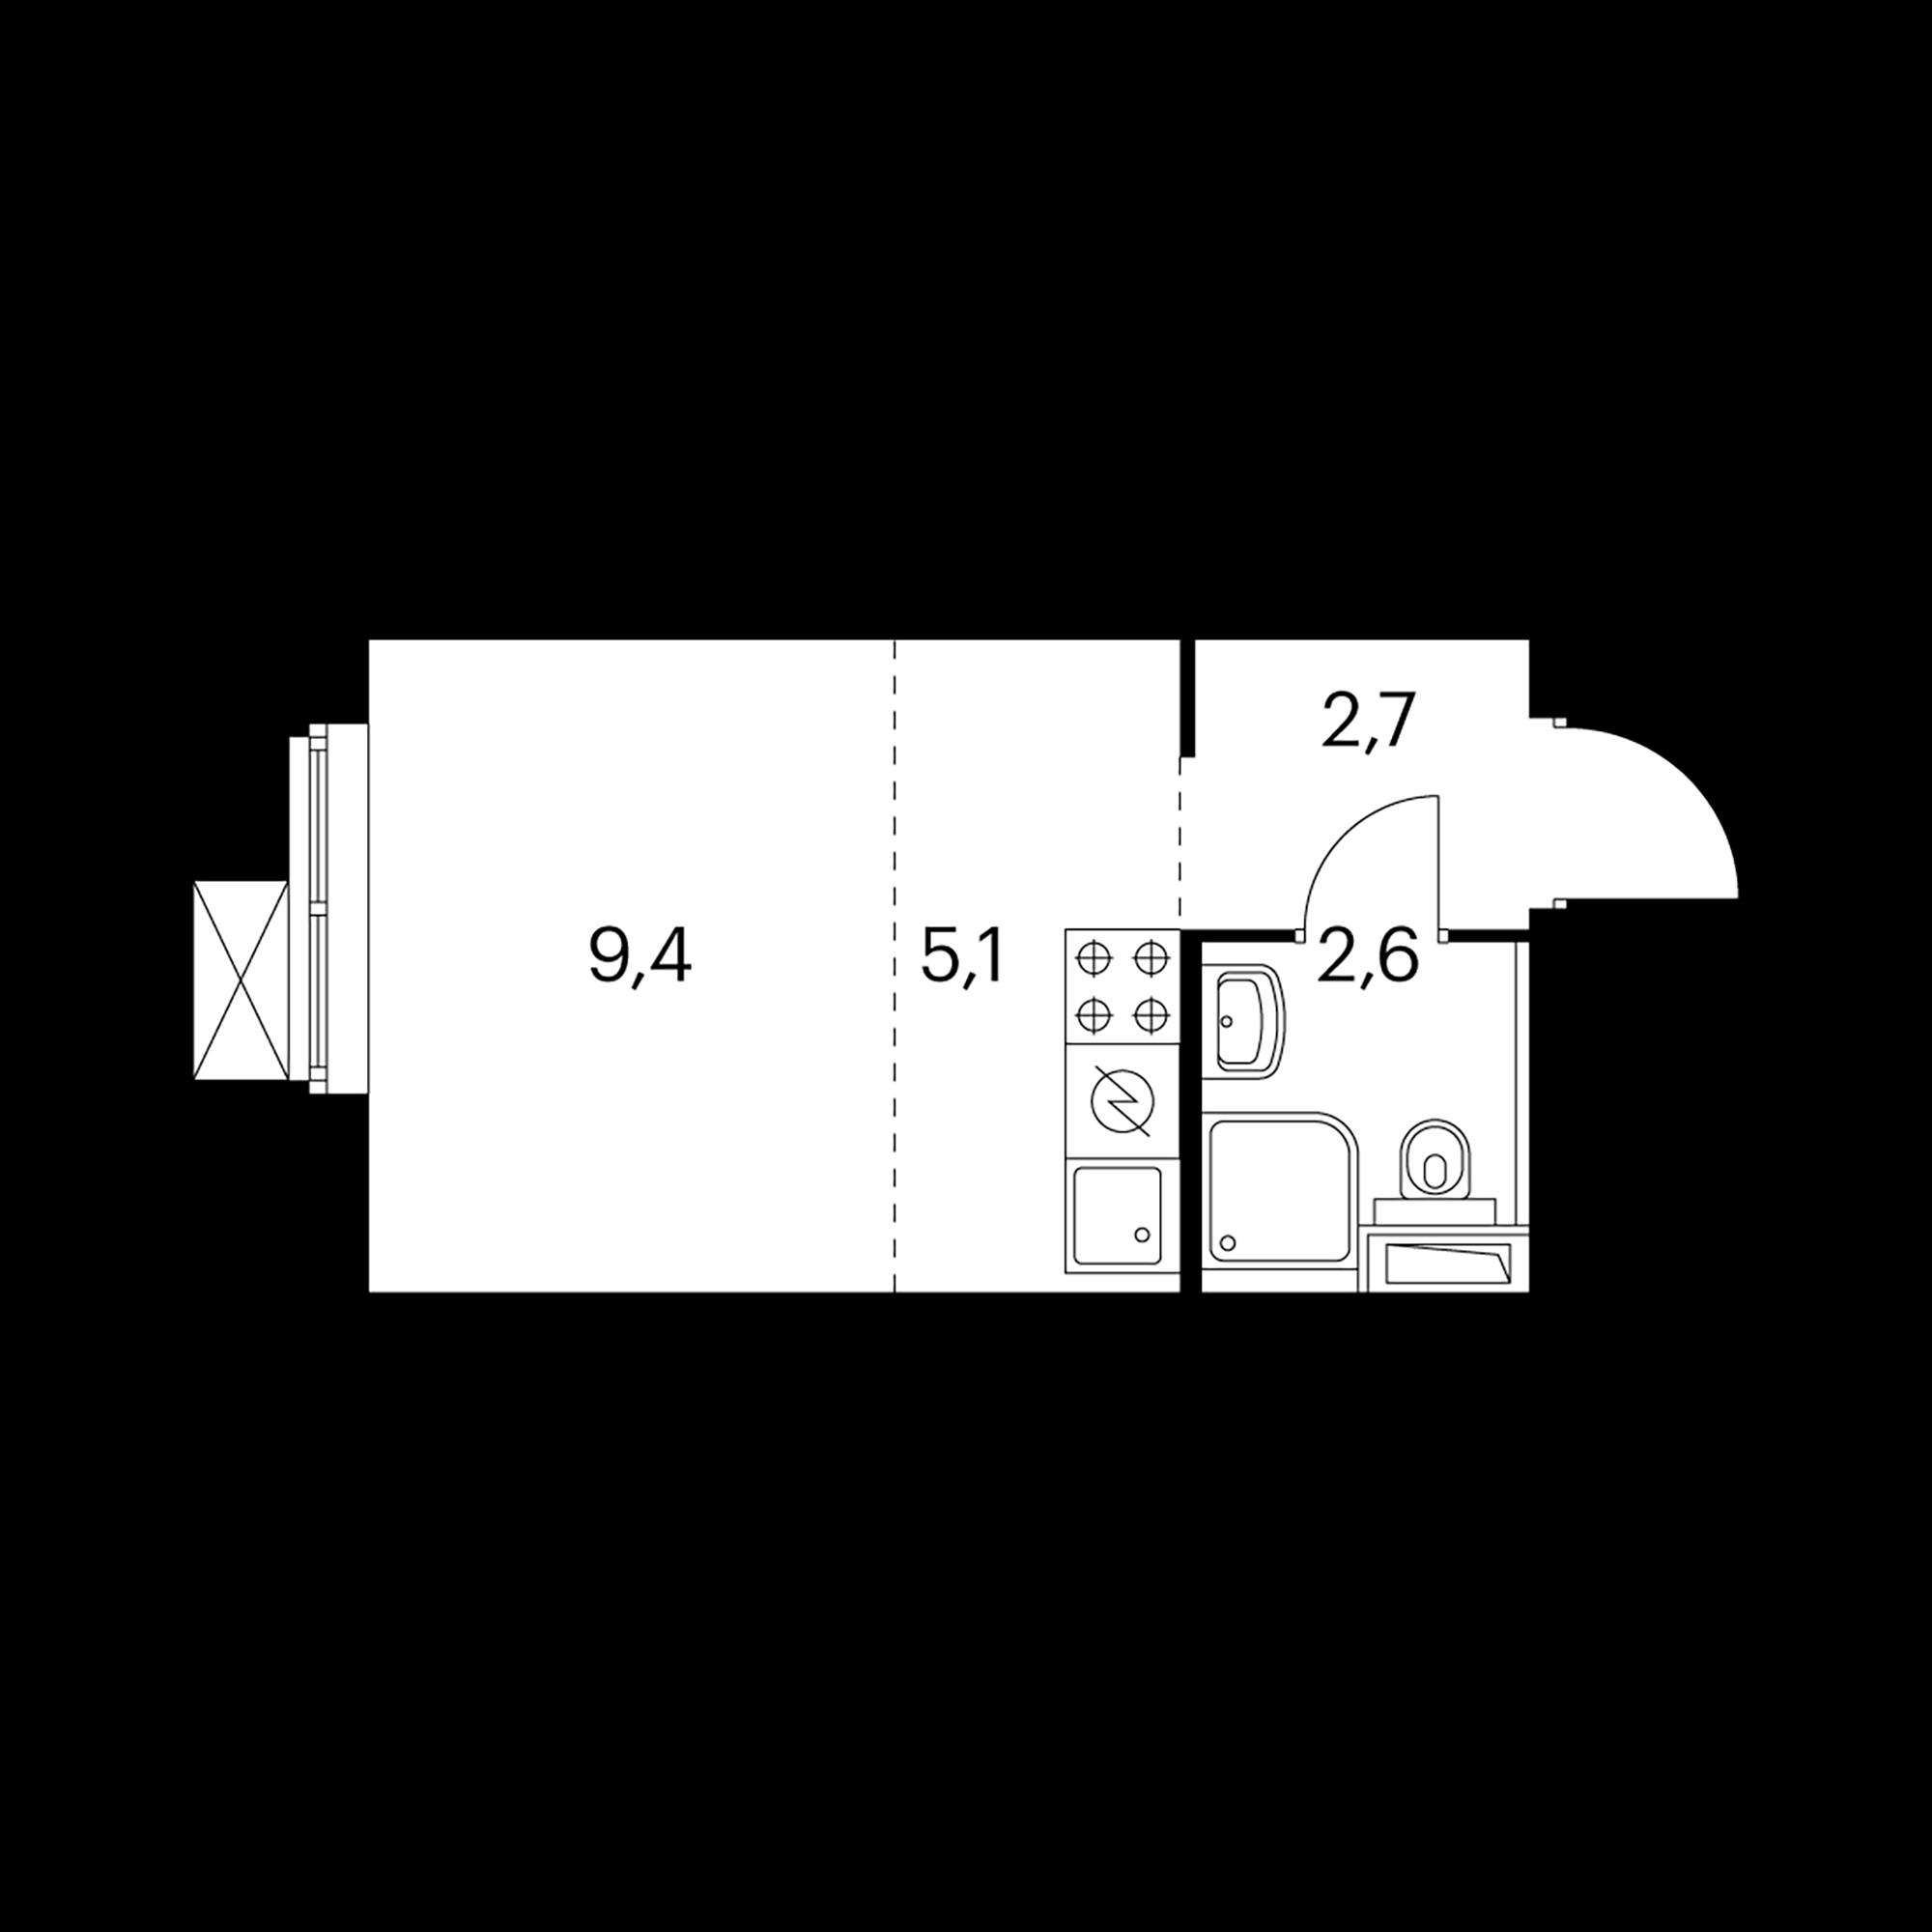 1NS1_3.6-1_S_A4